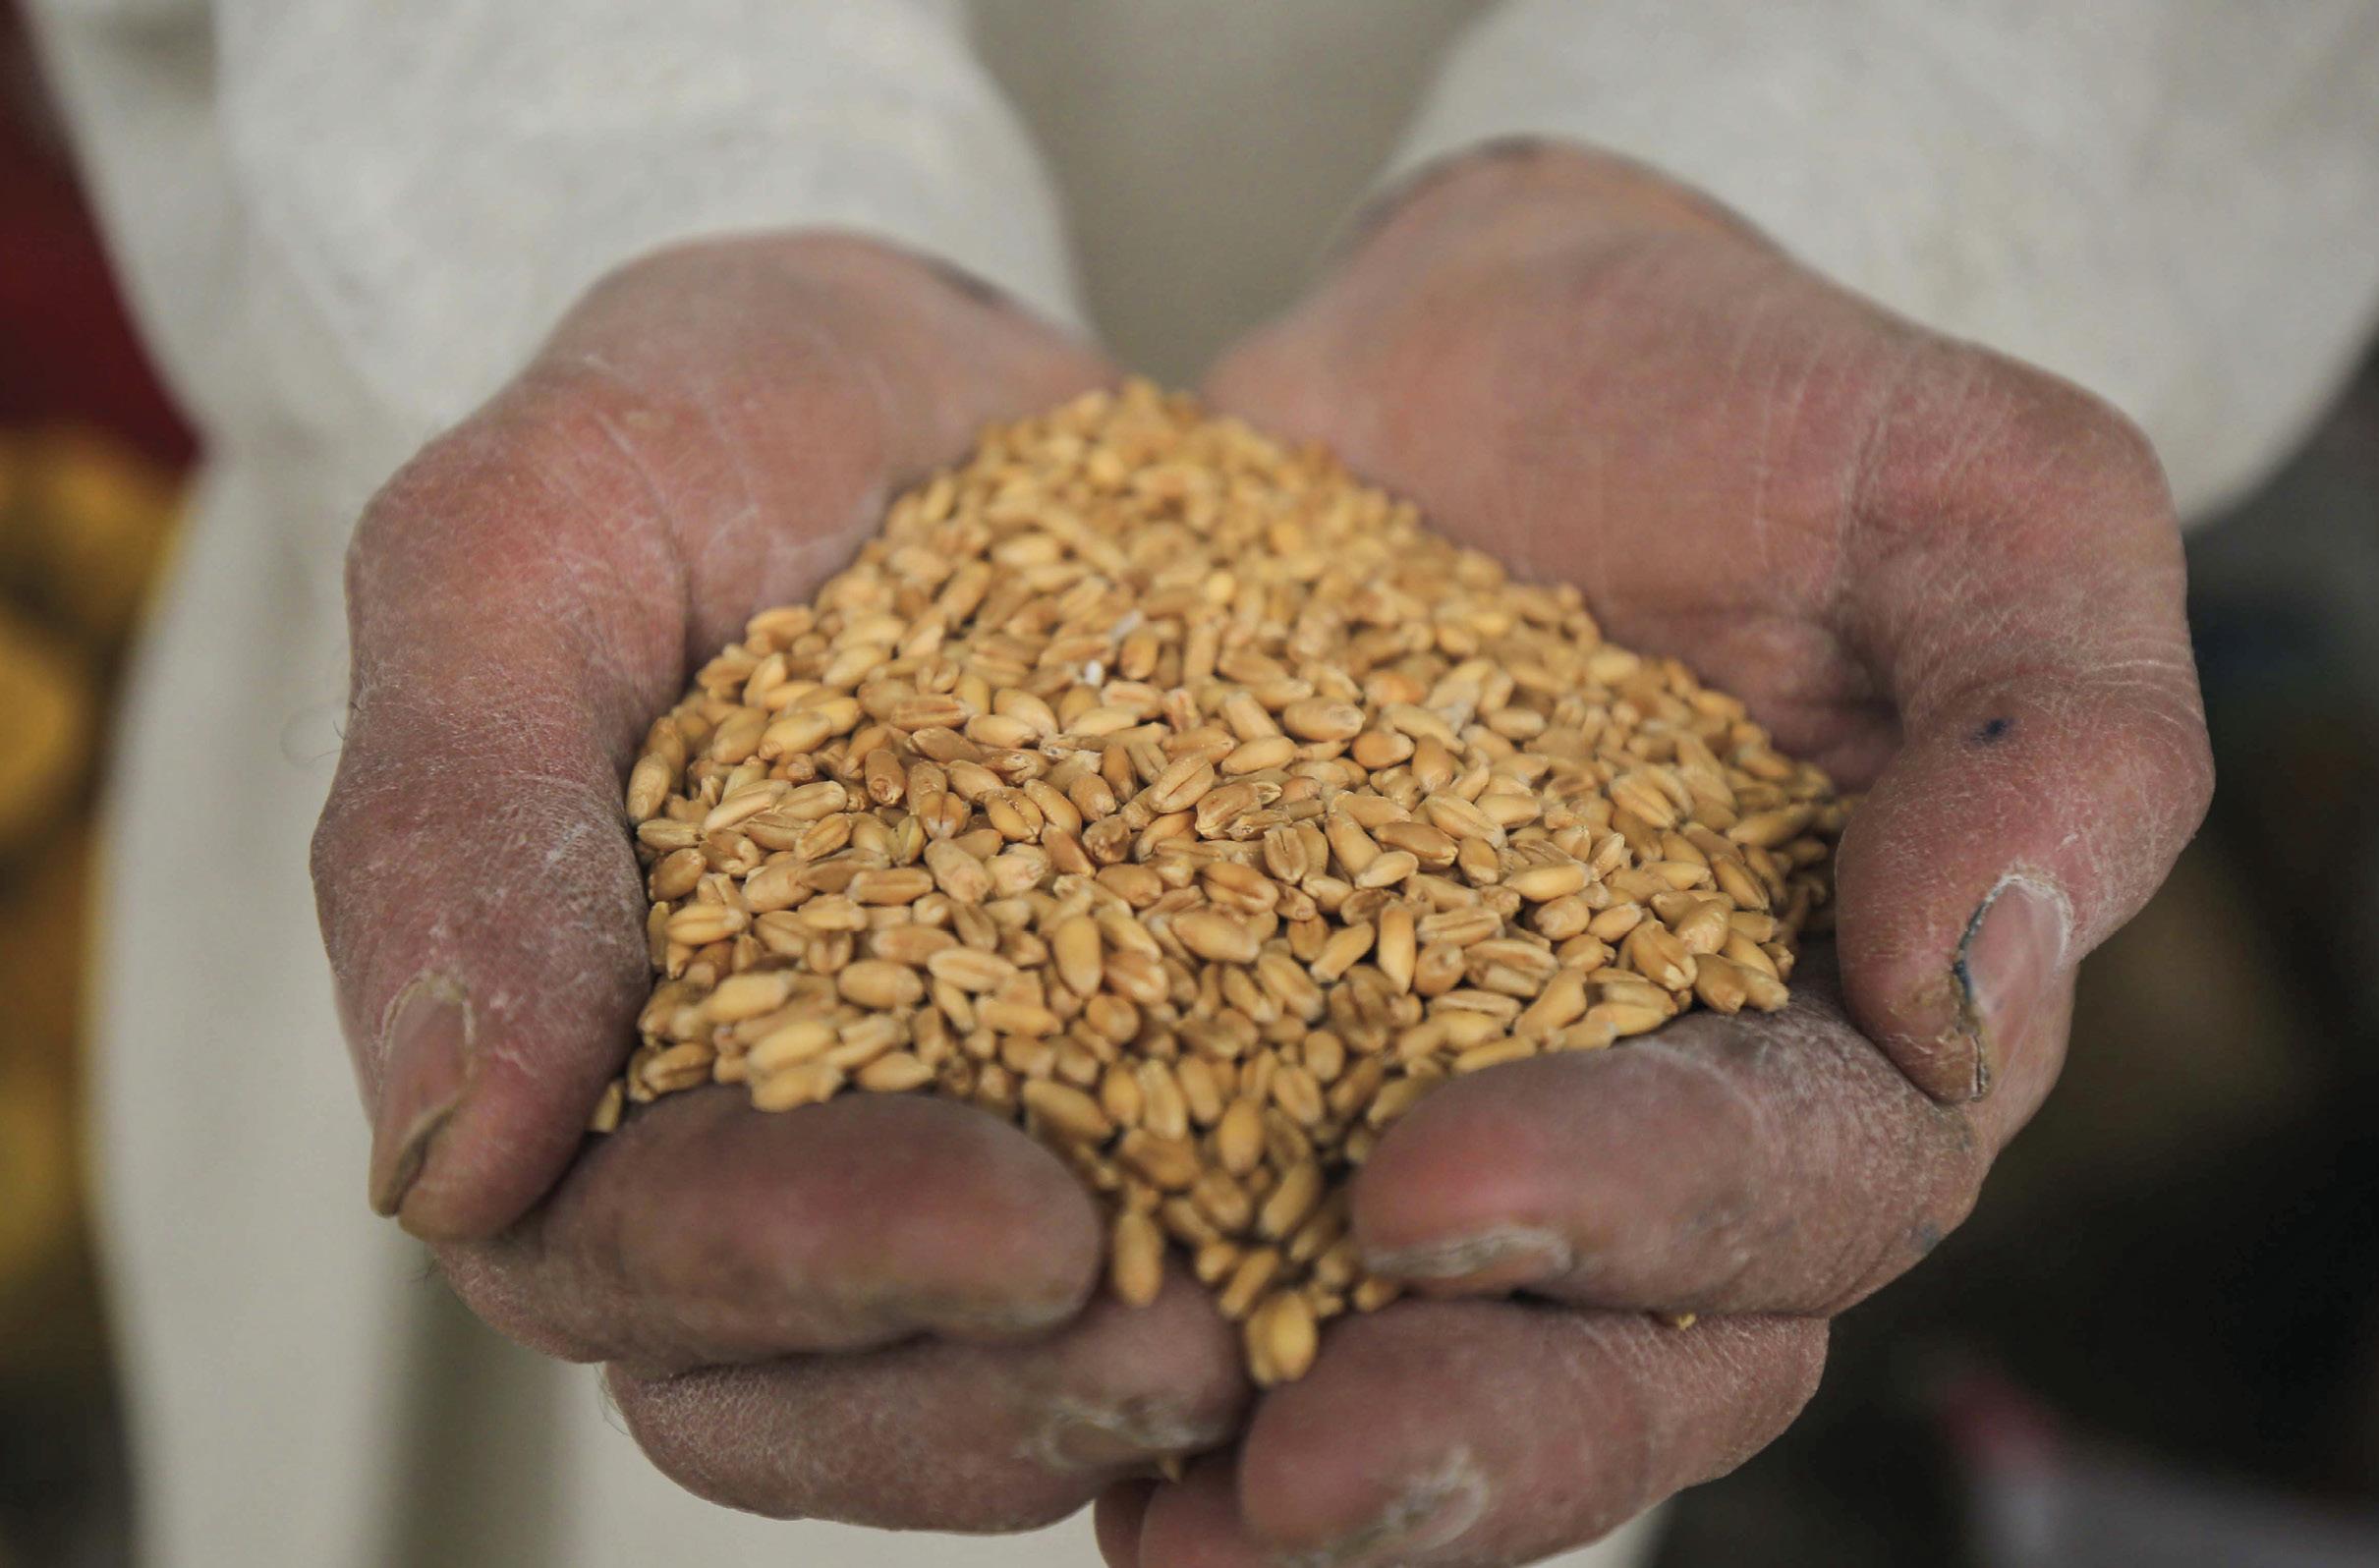 Crise da farinha no Paquistão. Sementes de trigo, num mercado de Peshavar, Paquistão, 21 de janeiro 2020. Foto: EPA / BILAWAL ARBAB.